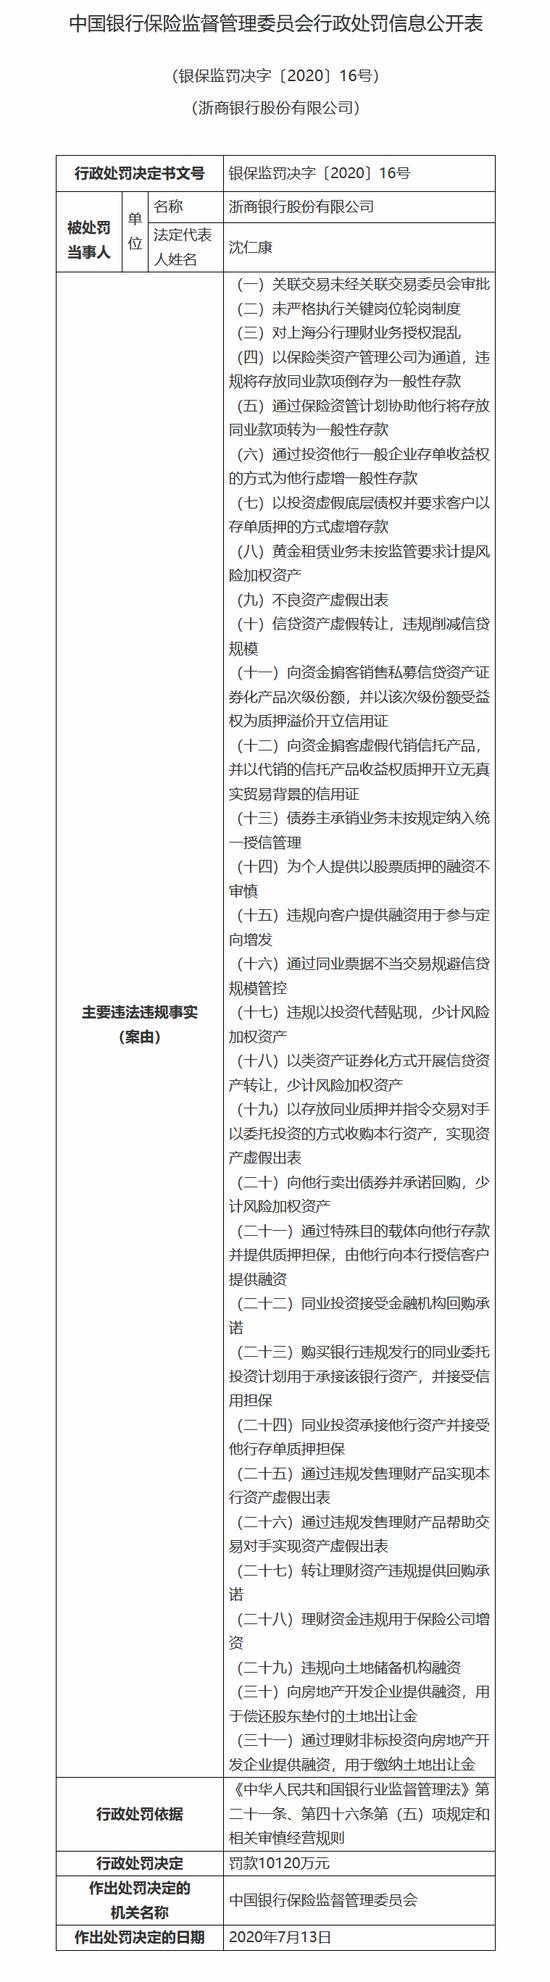 """浙商银行被罚1.01亿:涉不良资产虚假出表等""""三十一宗罪"""""""